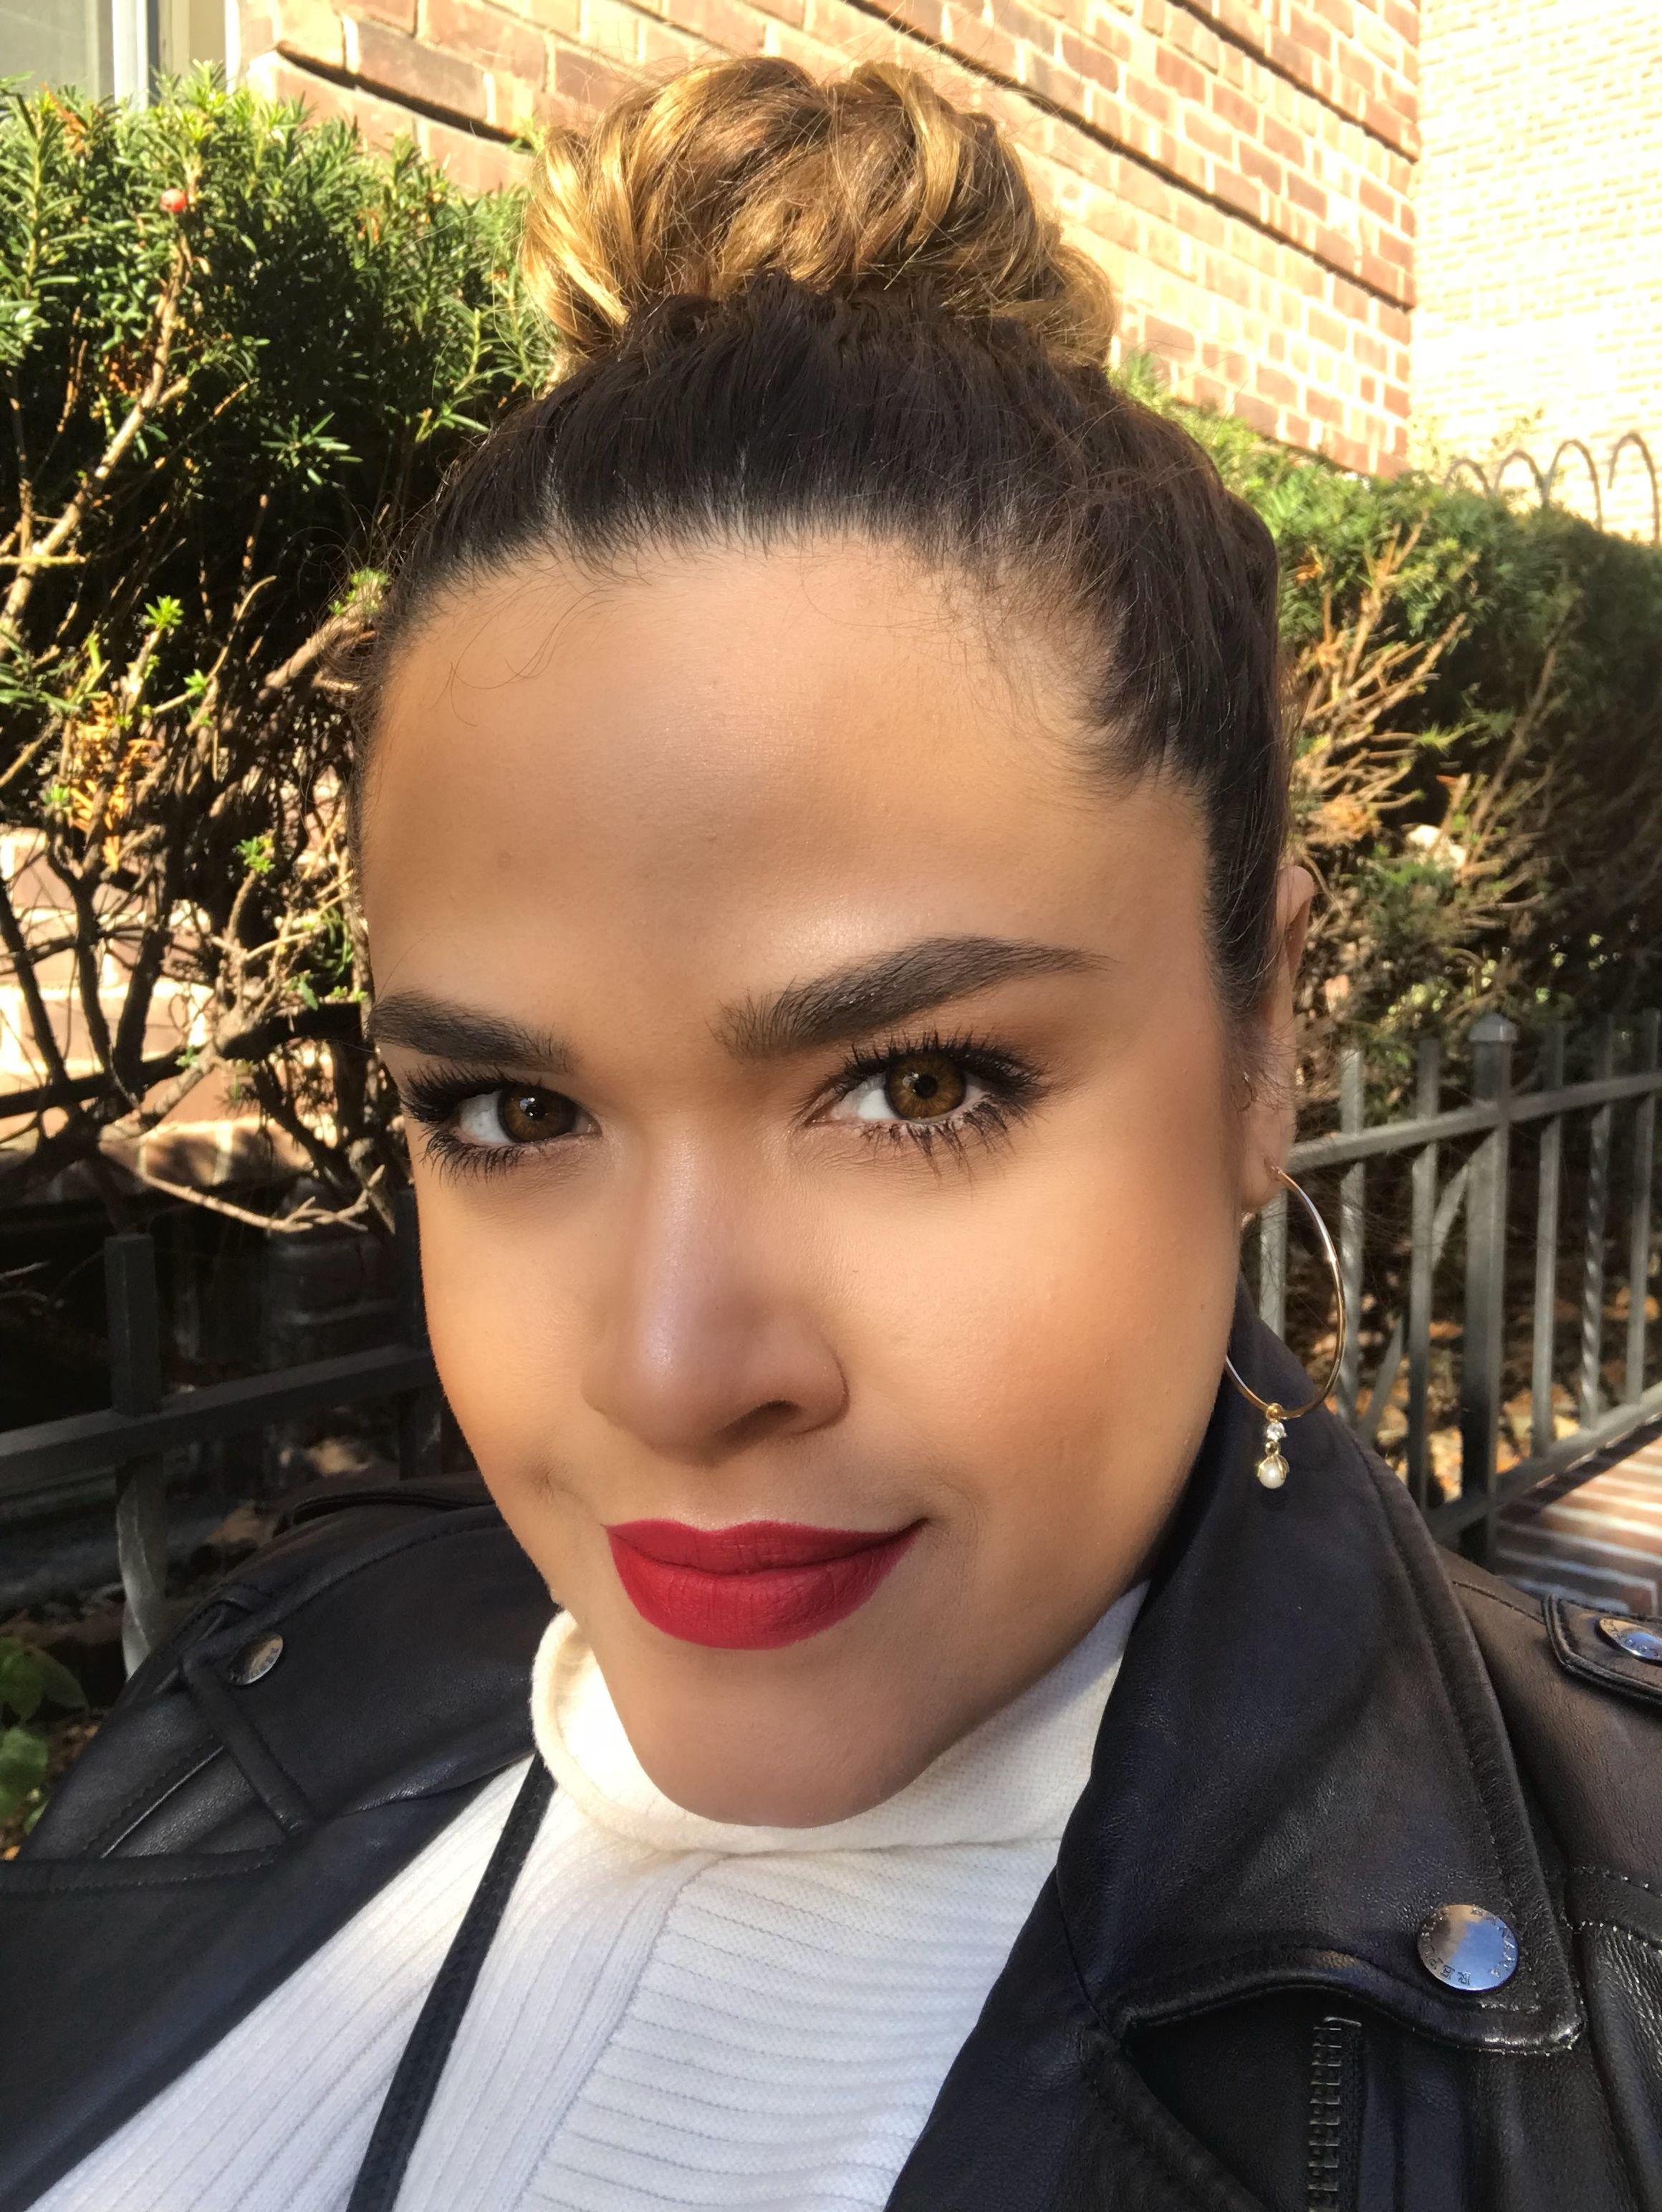 Always Love A Bold Red Lip Lace Beauty Lulu Acevedo